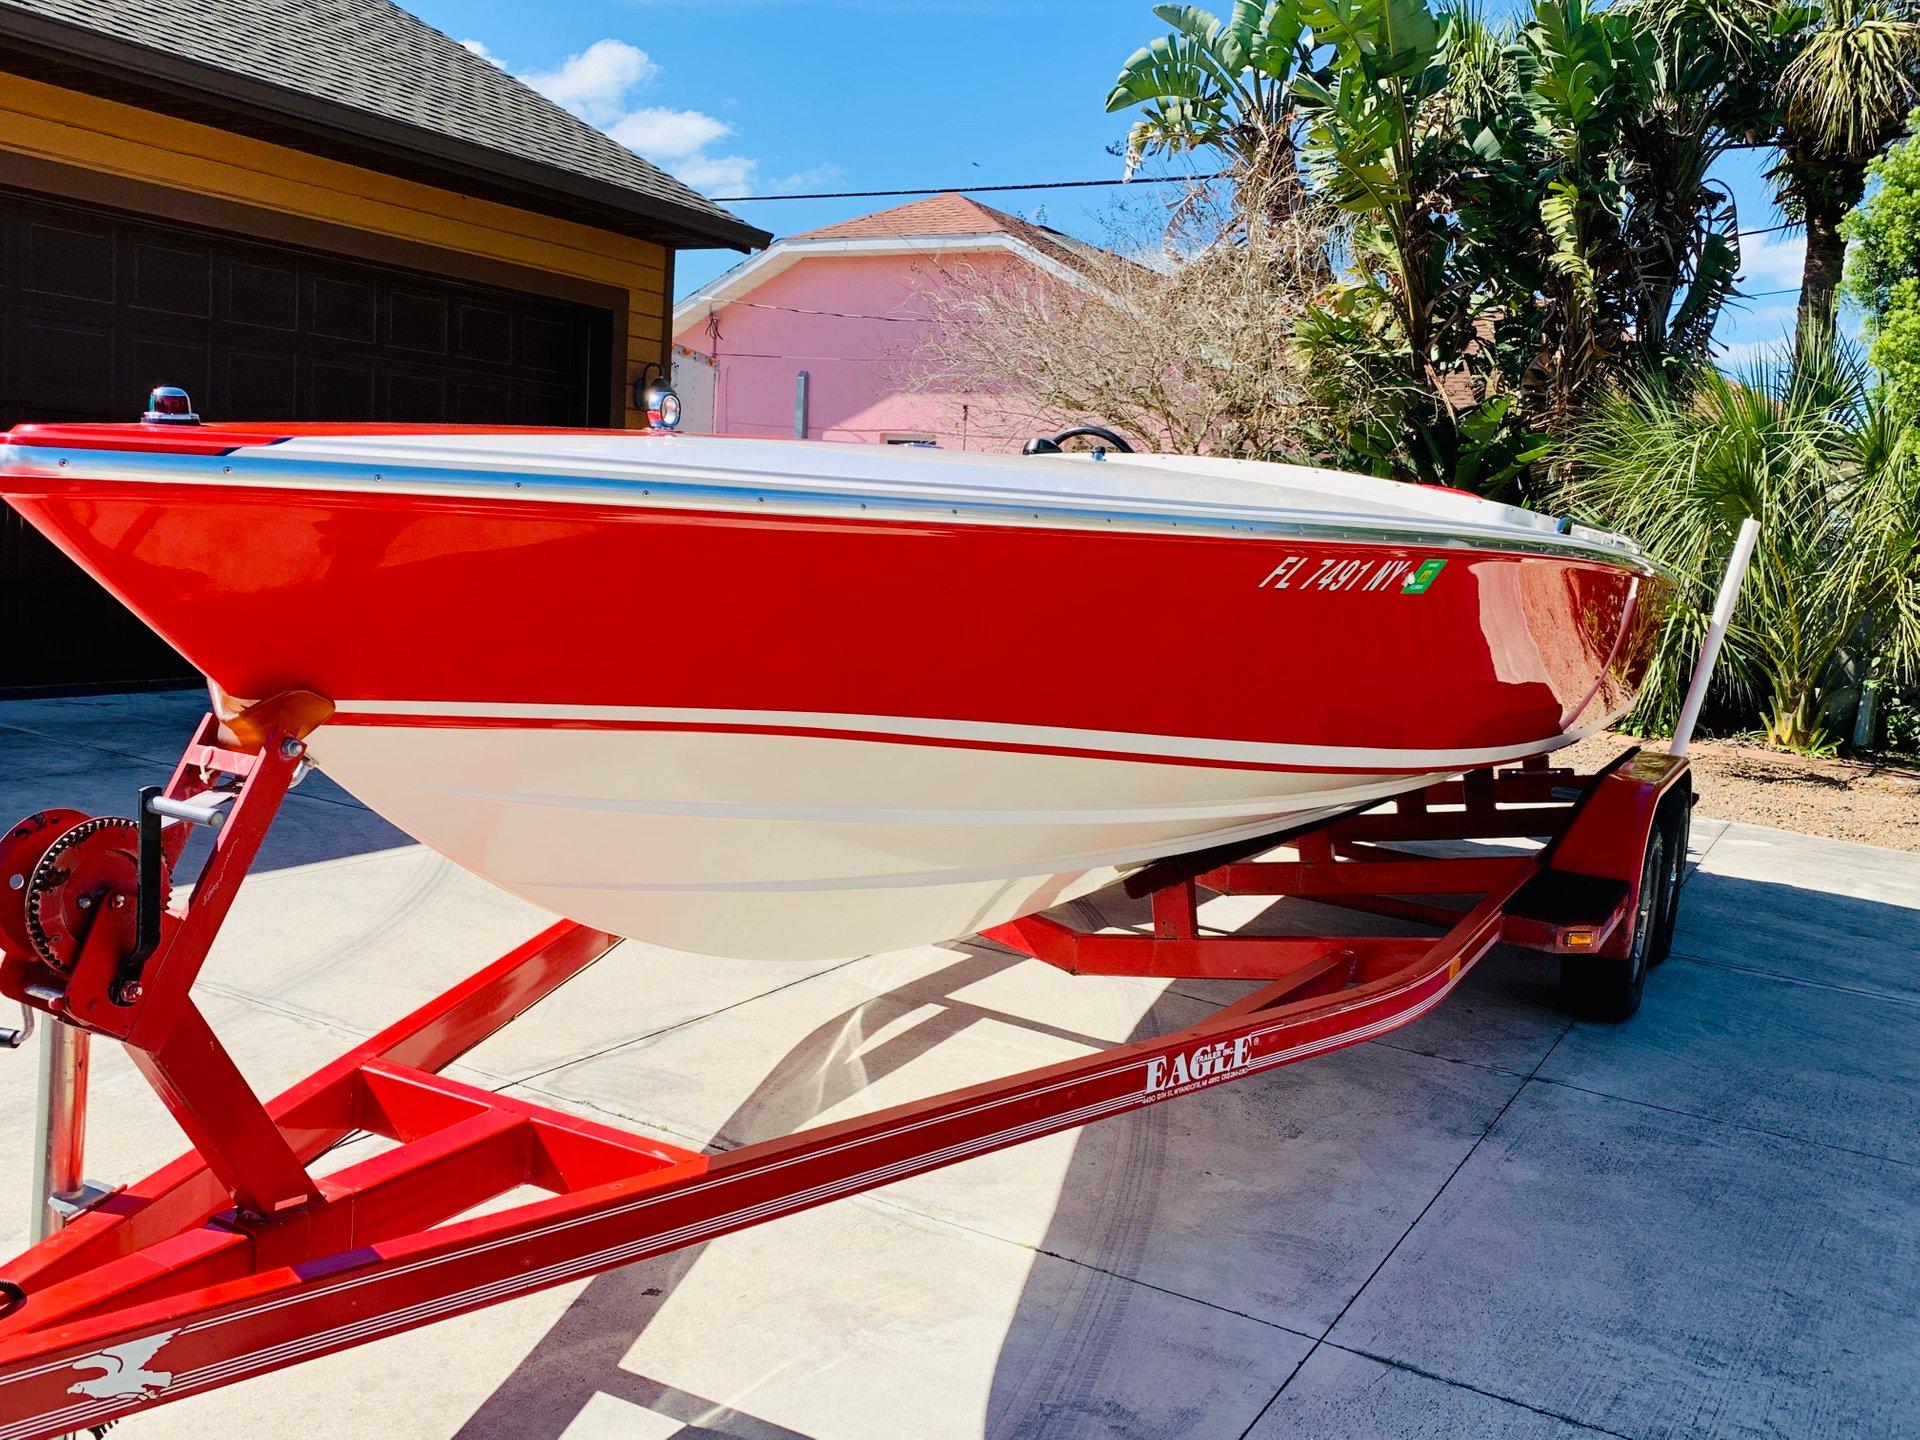 1987 donzi 22 classic boat